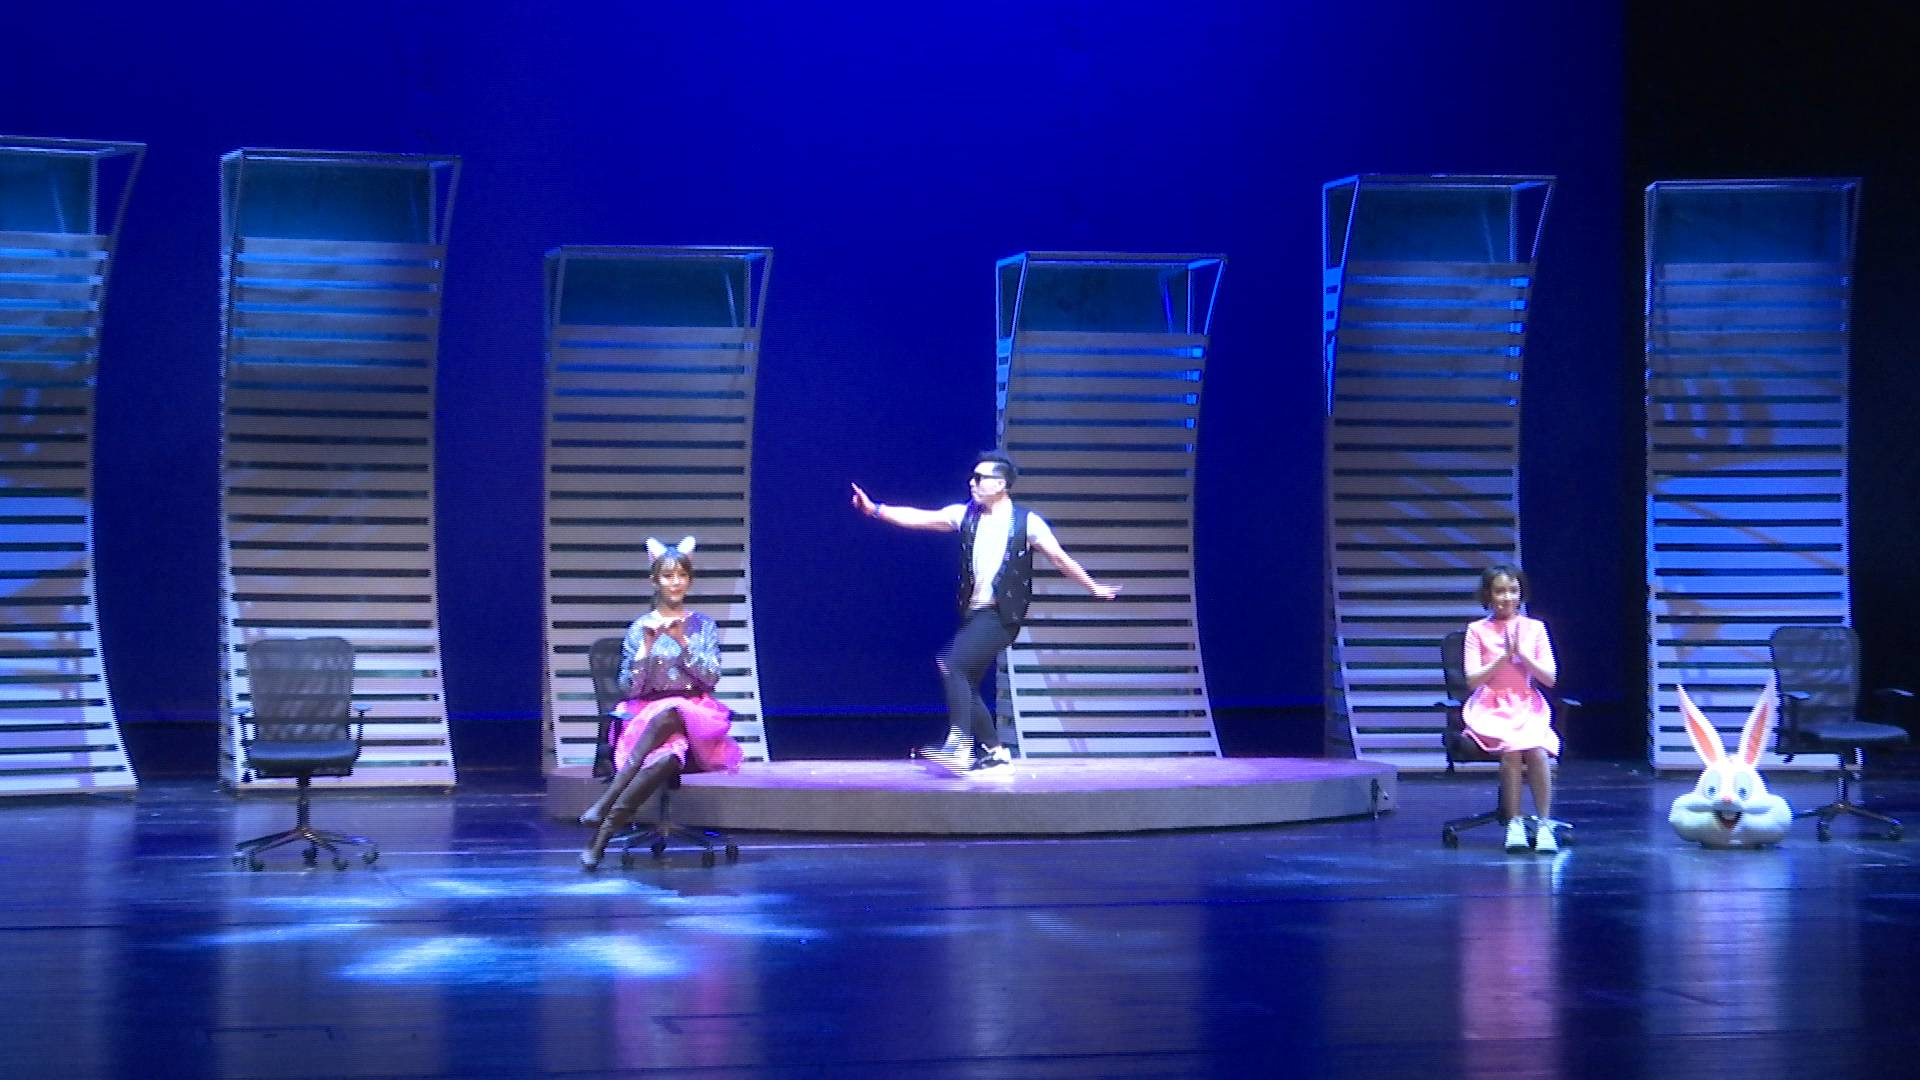 55秒|就是让你笑!爆笑舞台剧《万视可乐》在山东省会大剧院首演